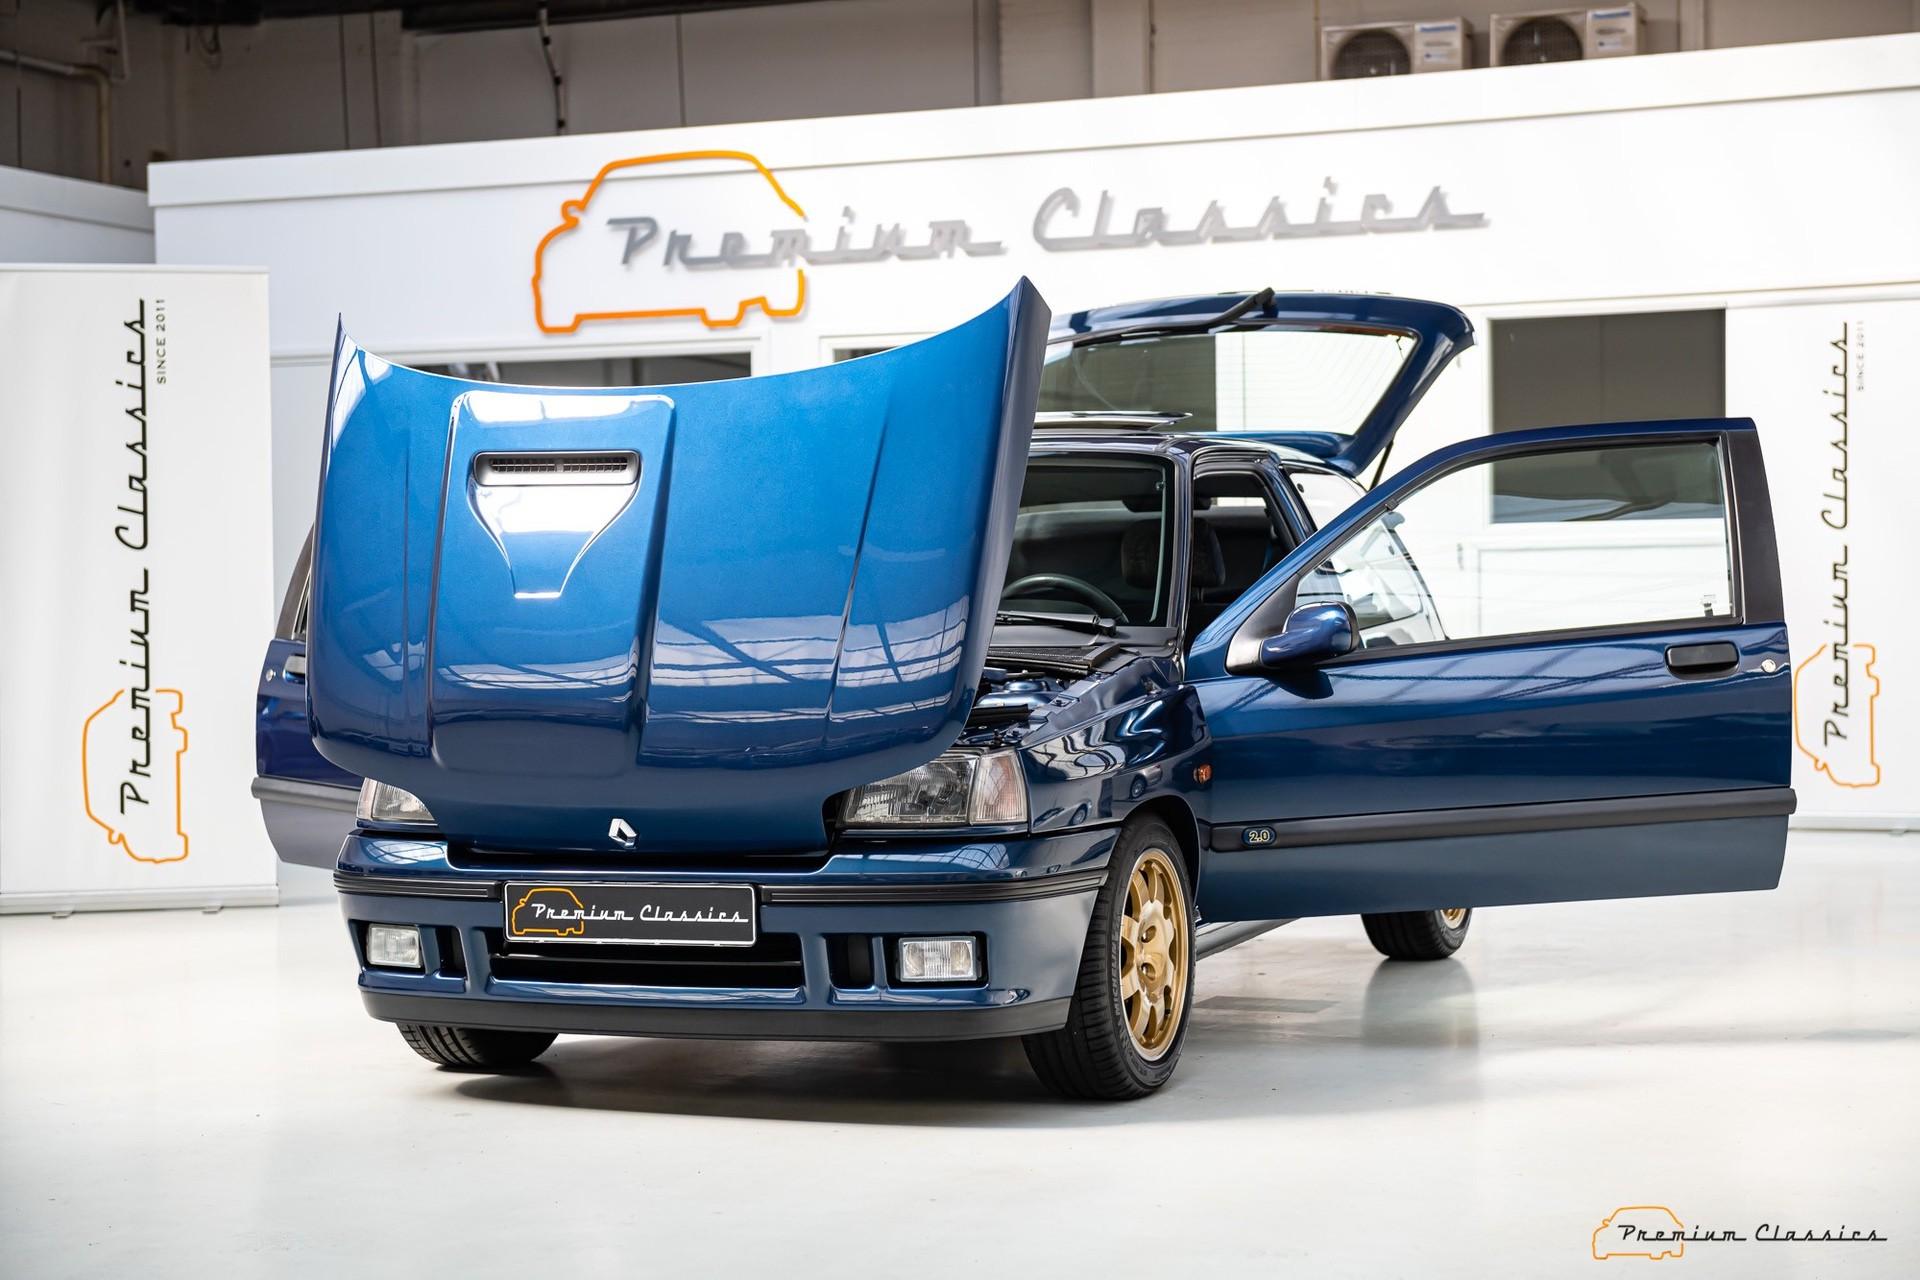 Renault_Clio_Williams_sale-0011